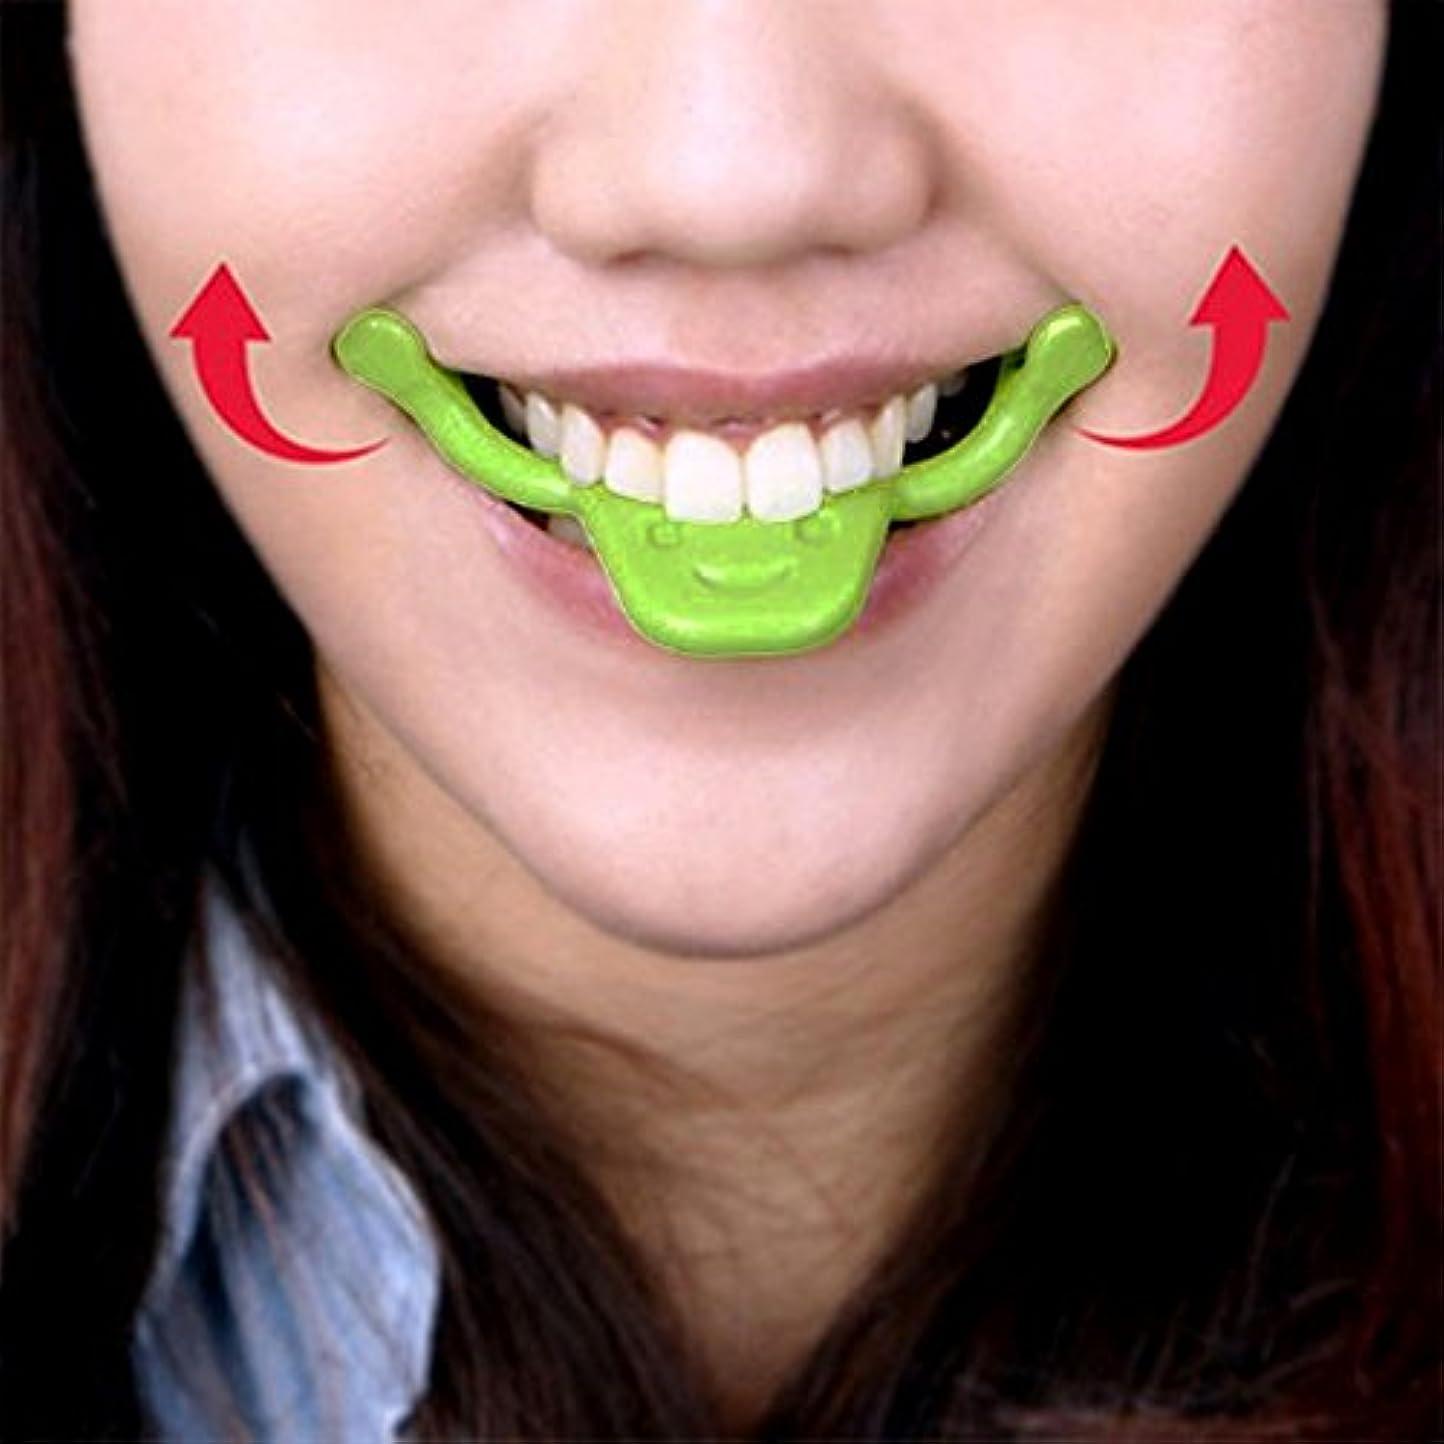 オプション申請者よろしく表情筋 トレーニング 小顔 ストレッチ ほうれい線 二重 あご 消す 口角を上げるグッズ 美顔 顔痩せ リフトアップ マウスピース フェイシャルフィットネス (タイプ2)